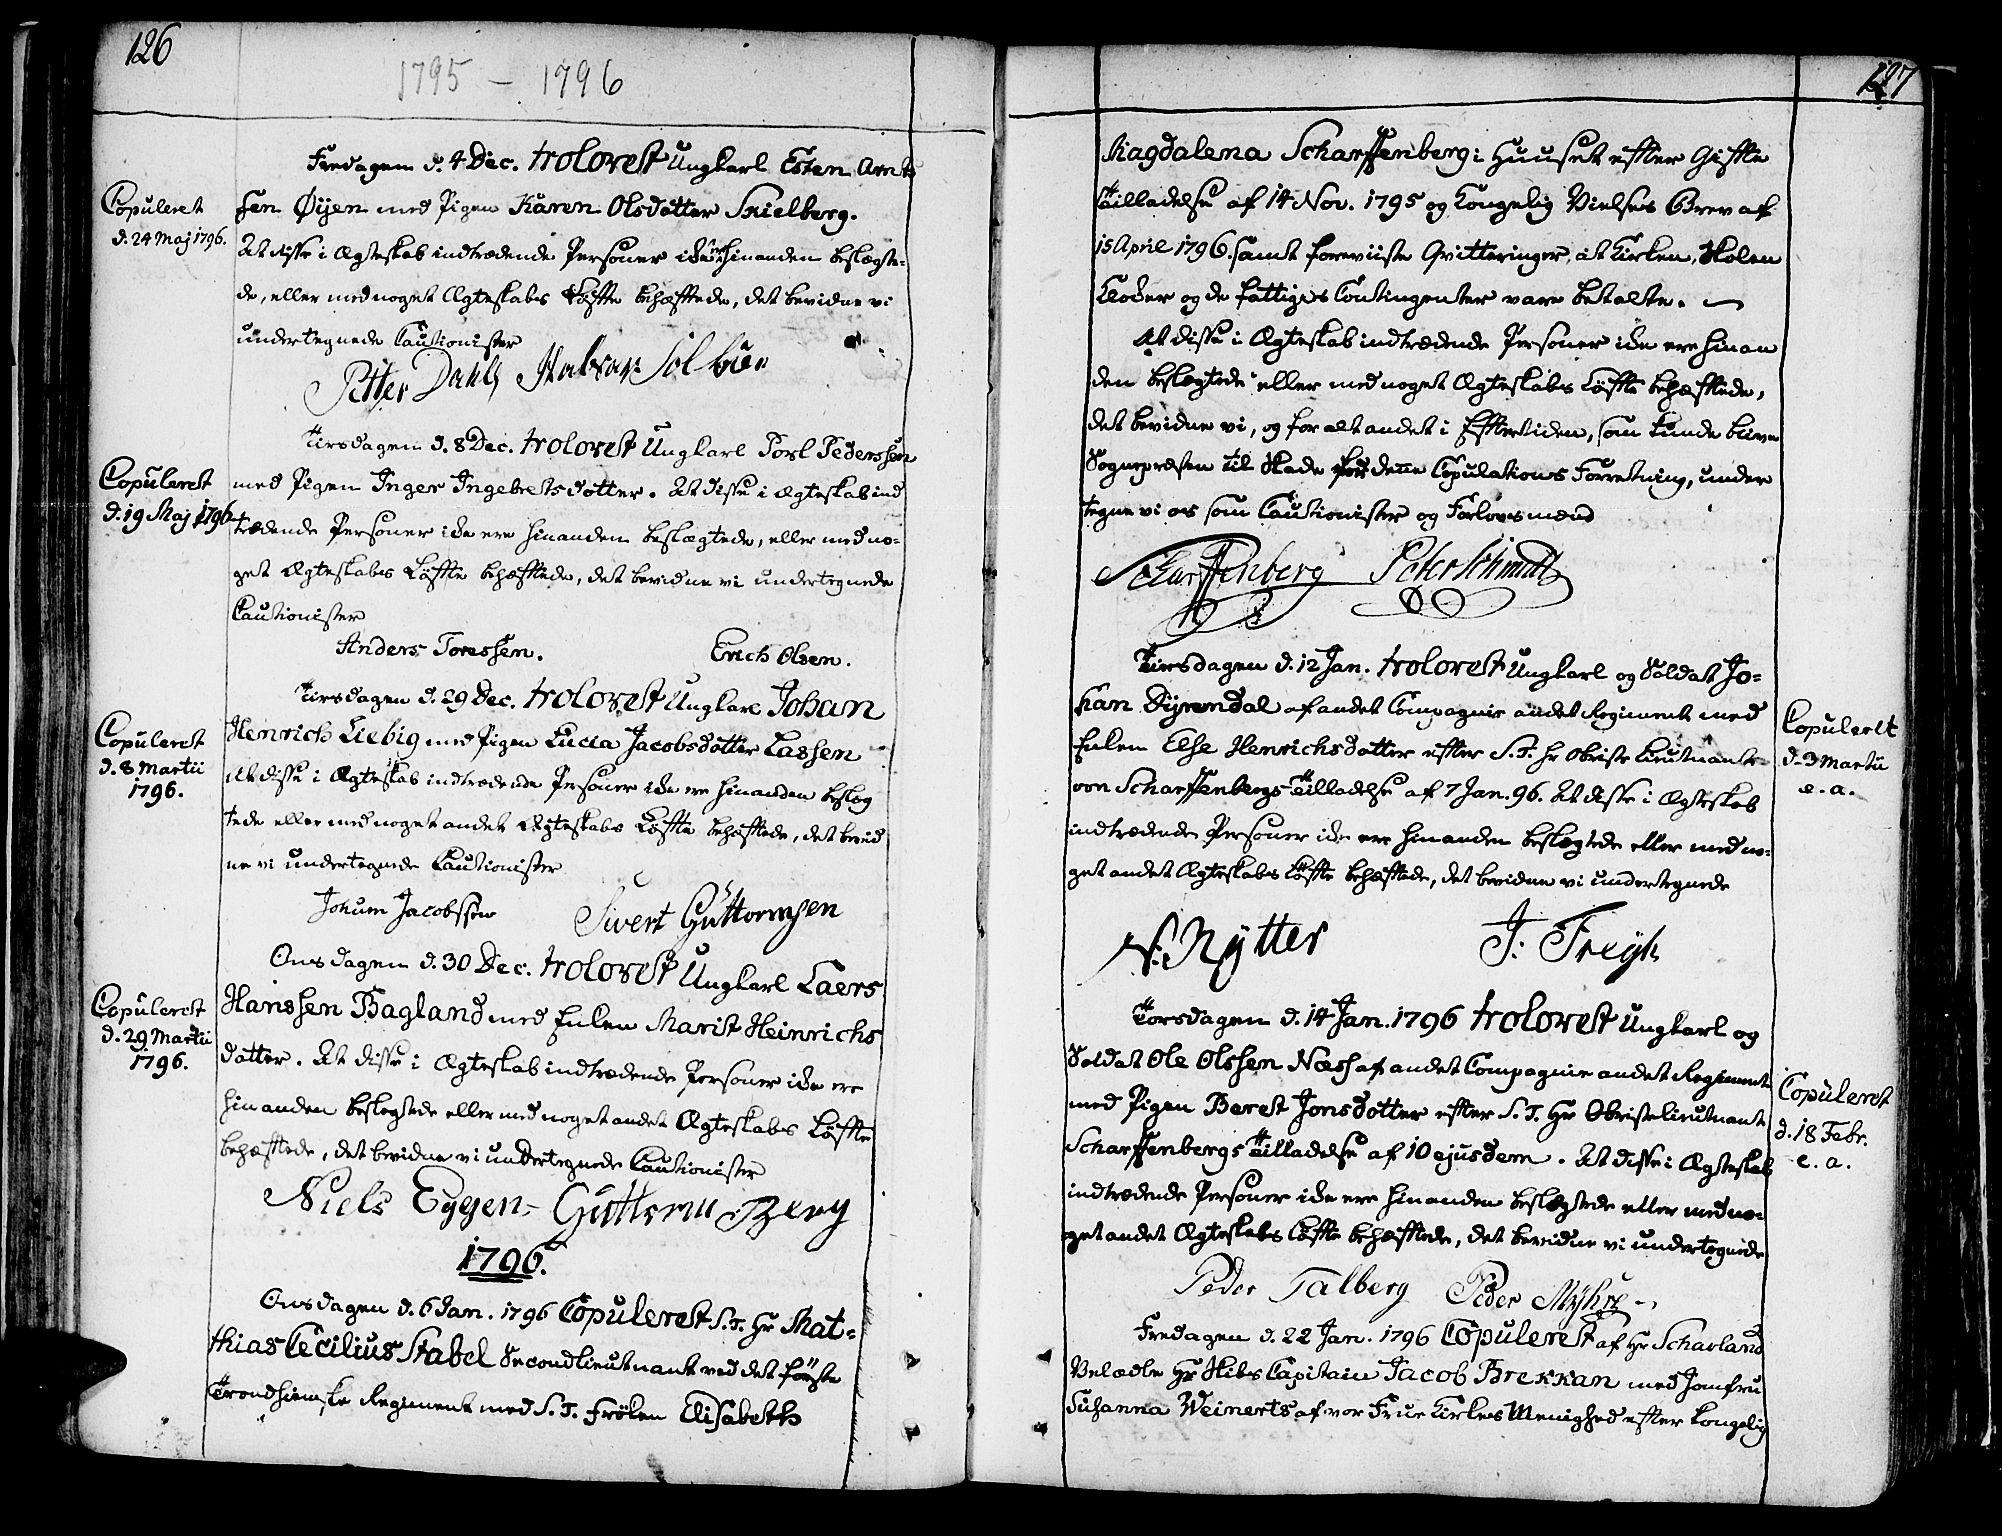 SAT, Ministerialprotokoller, klokkerbøker og fødselsregistre - Sør-Trøndelag, 602/L0105: Ministerialbok nr. 602A03, 1774-1814, s. 126-127